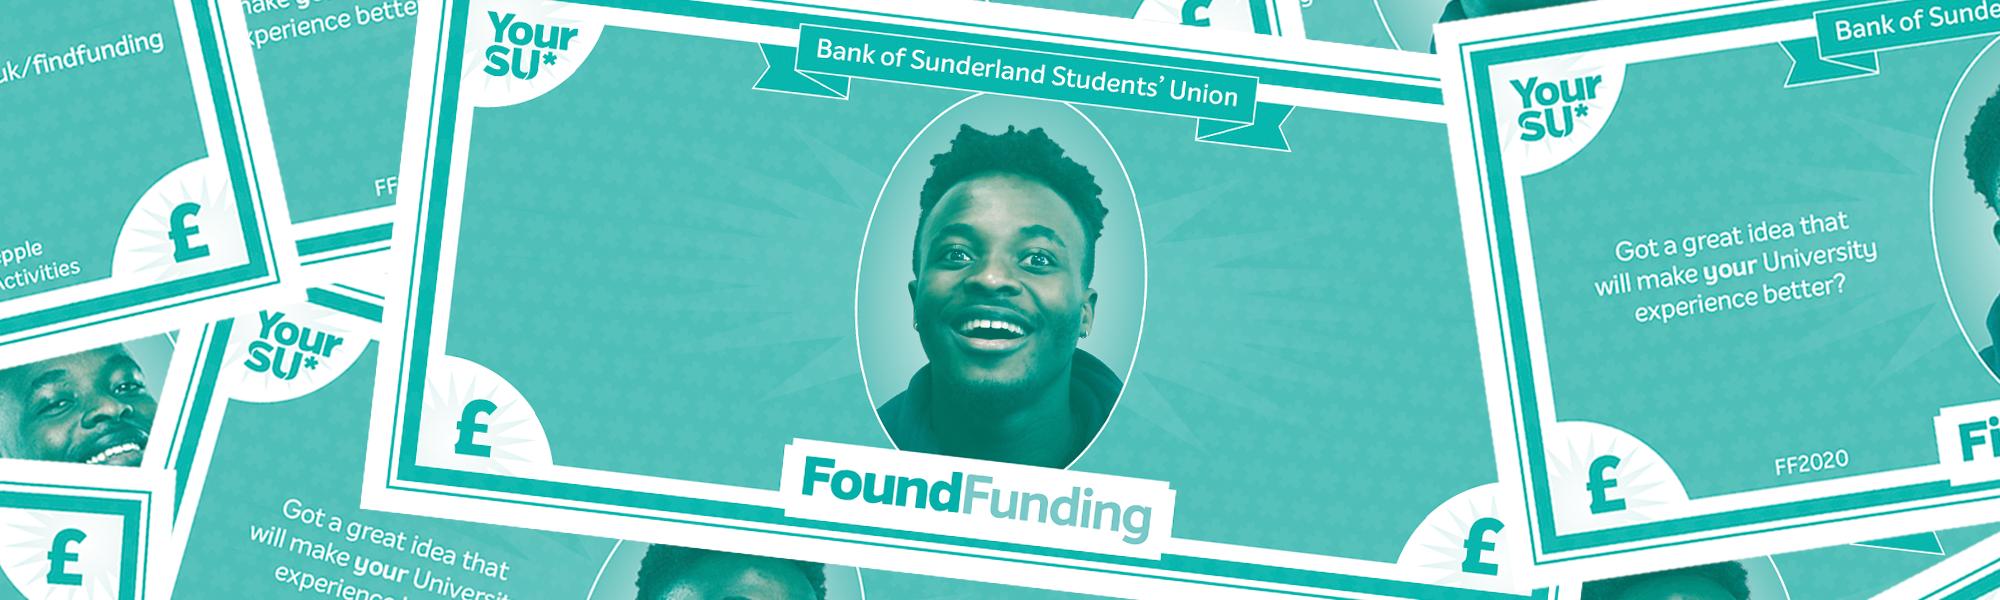 Full width banner found funding2